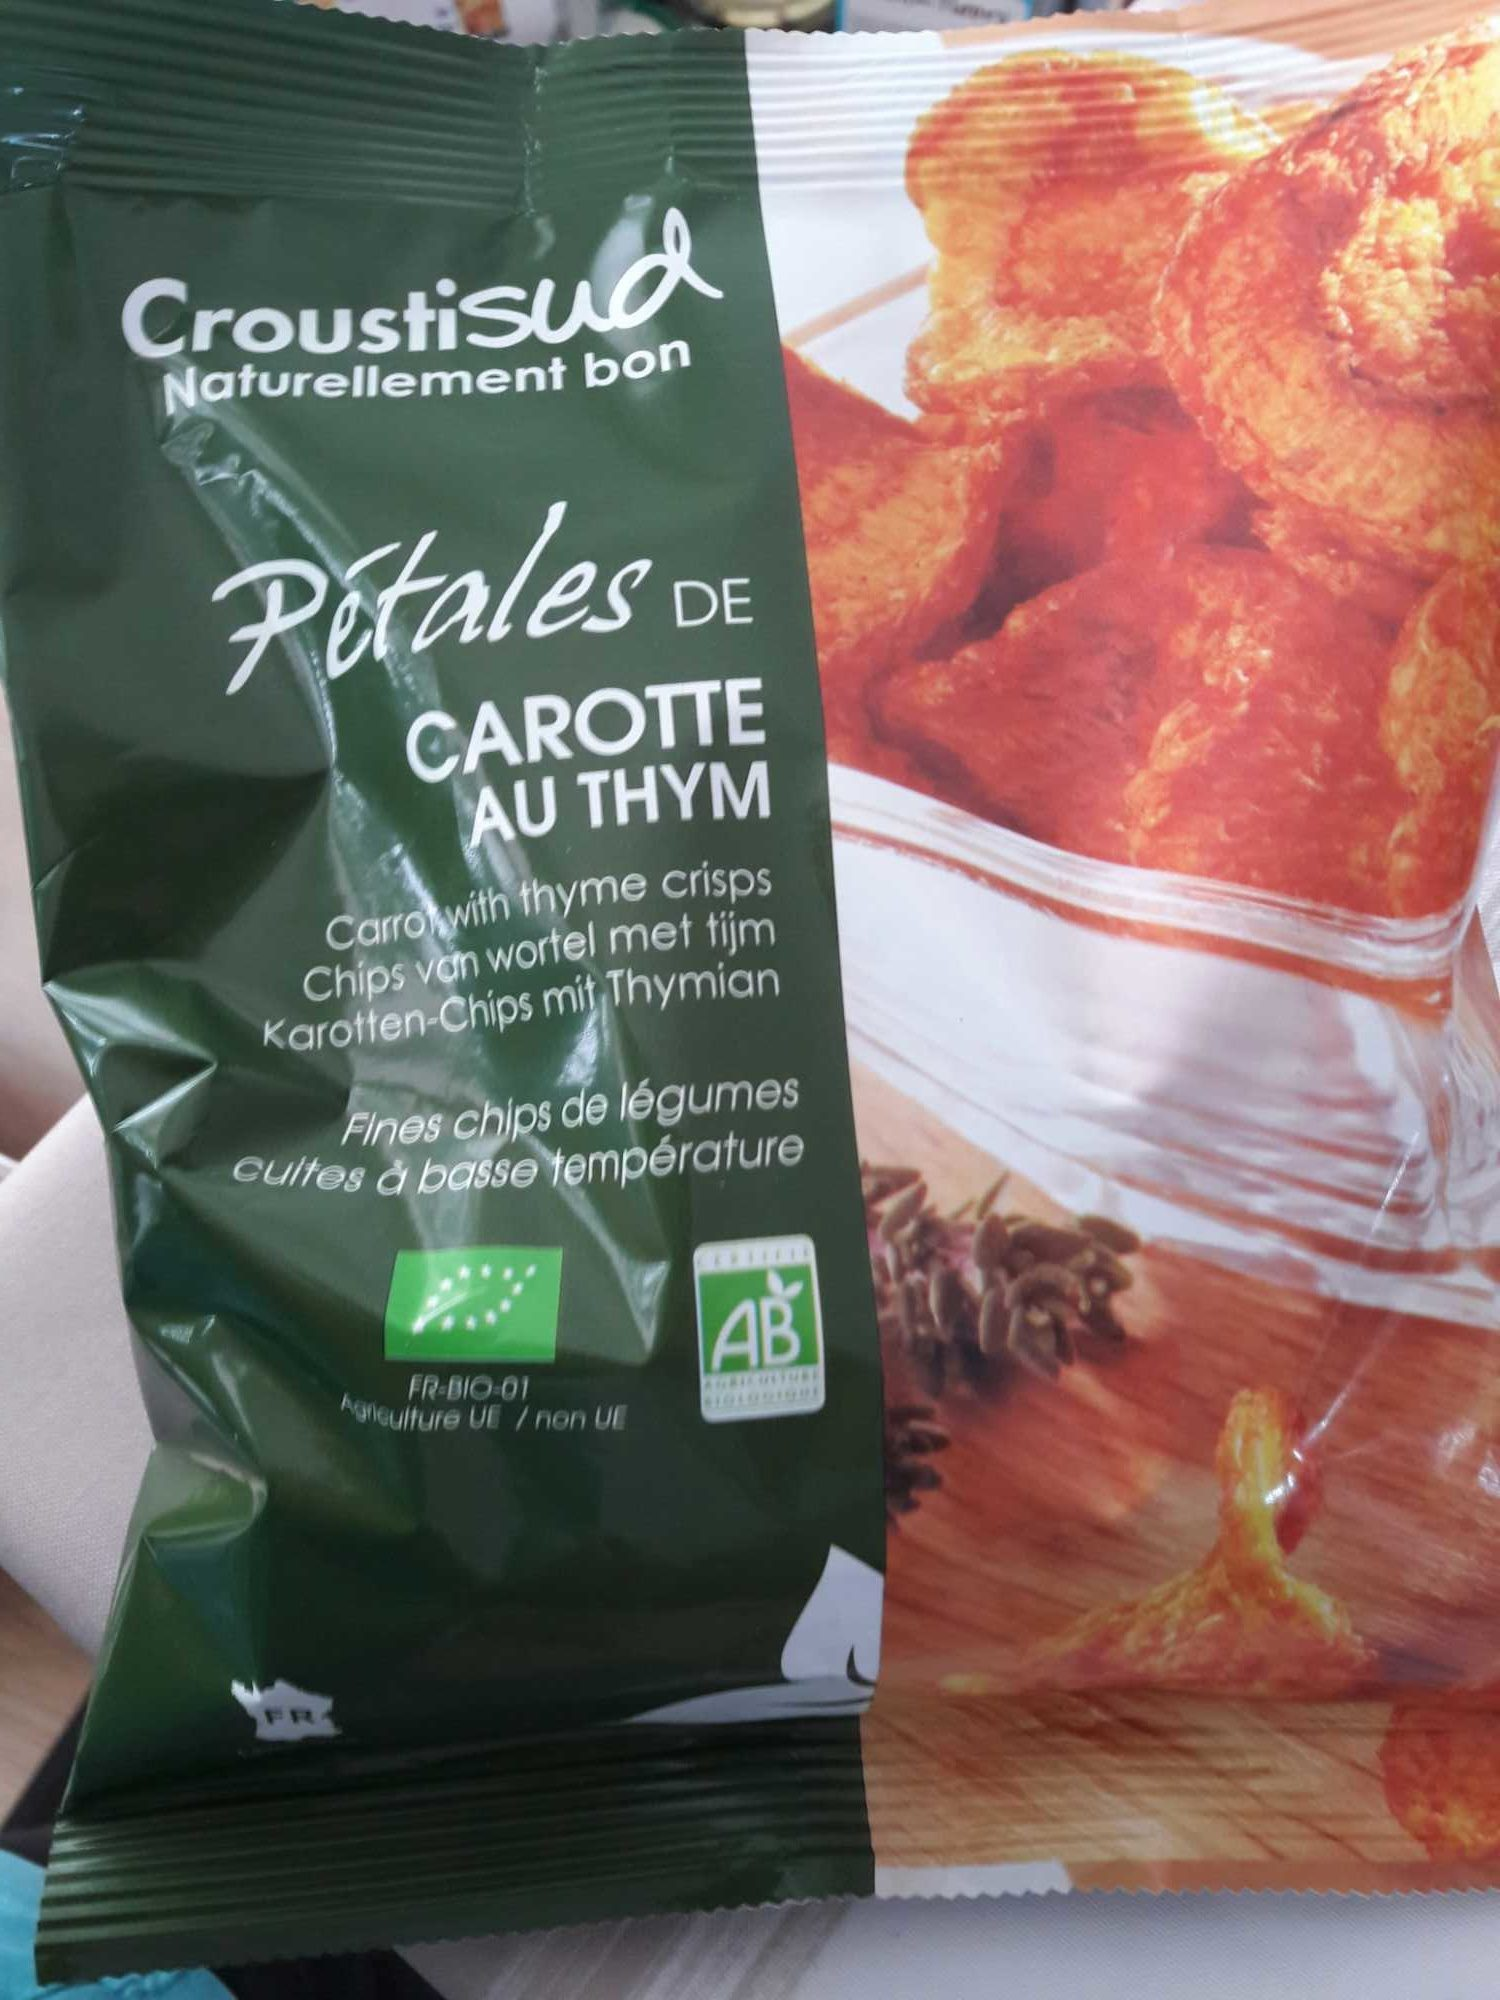 Pétales de carotte au thym - Produit - fr